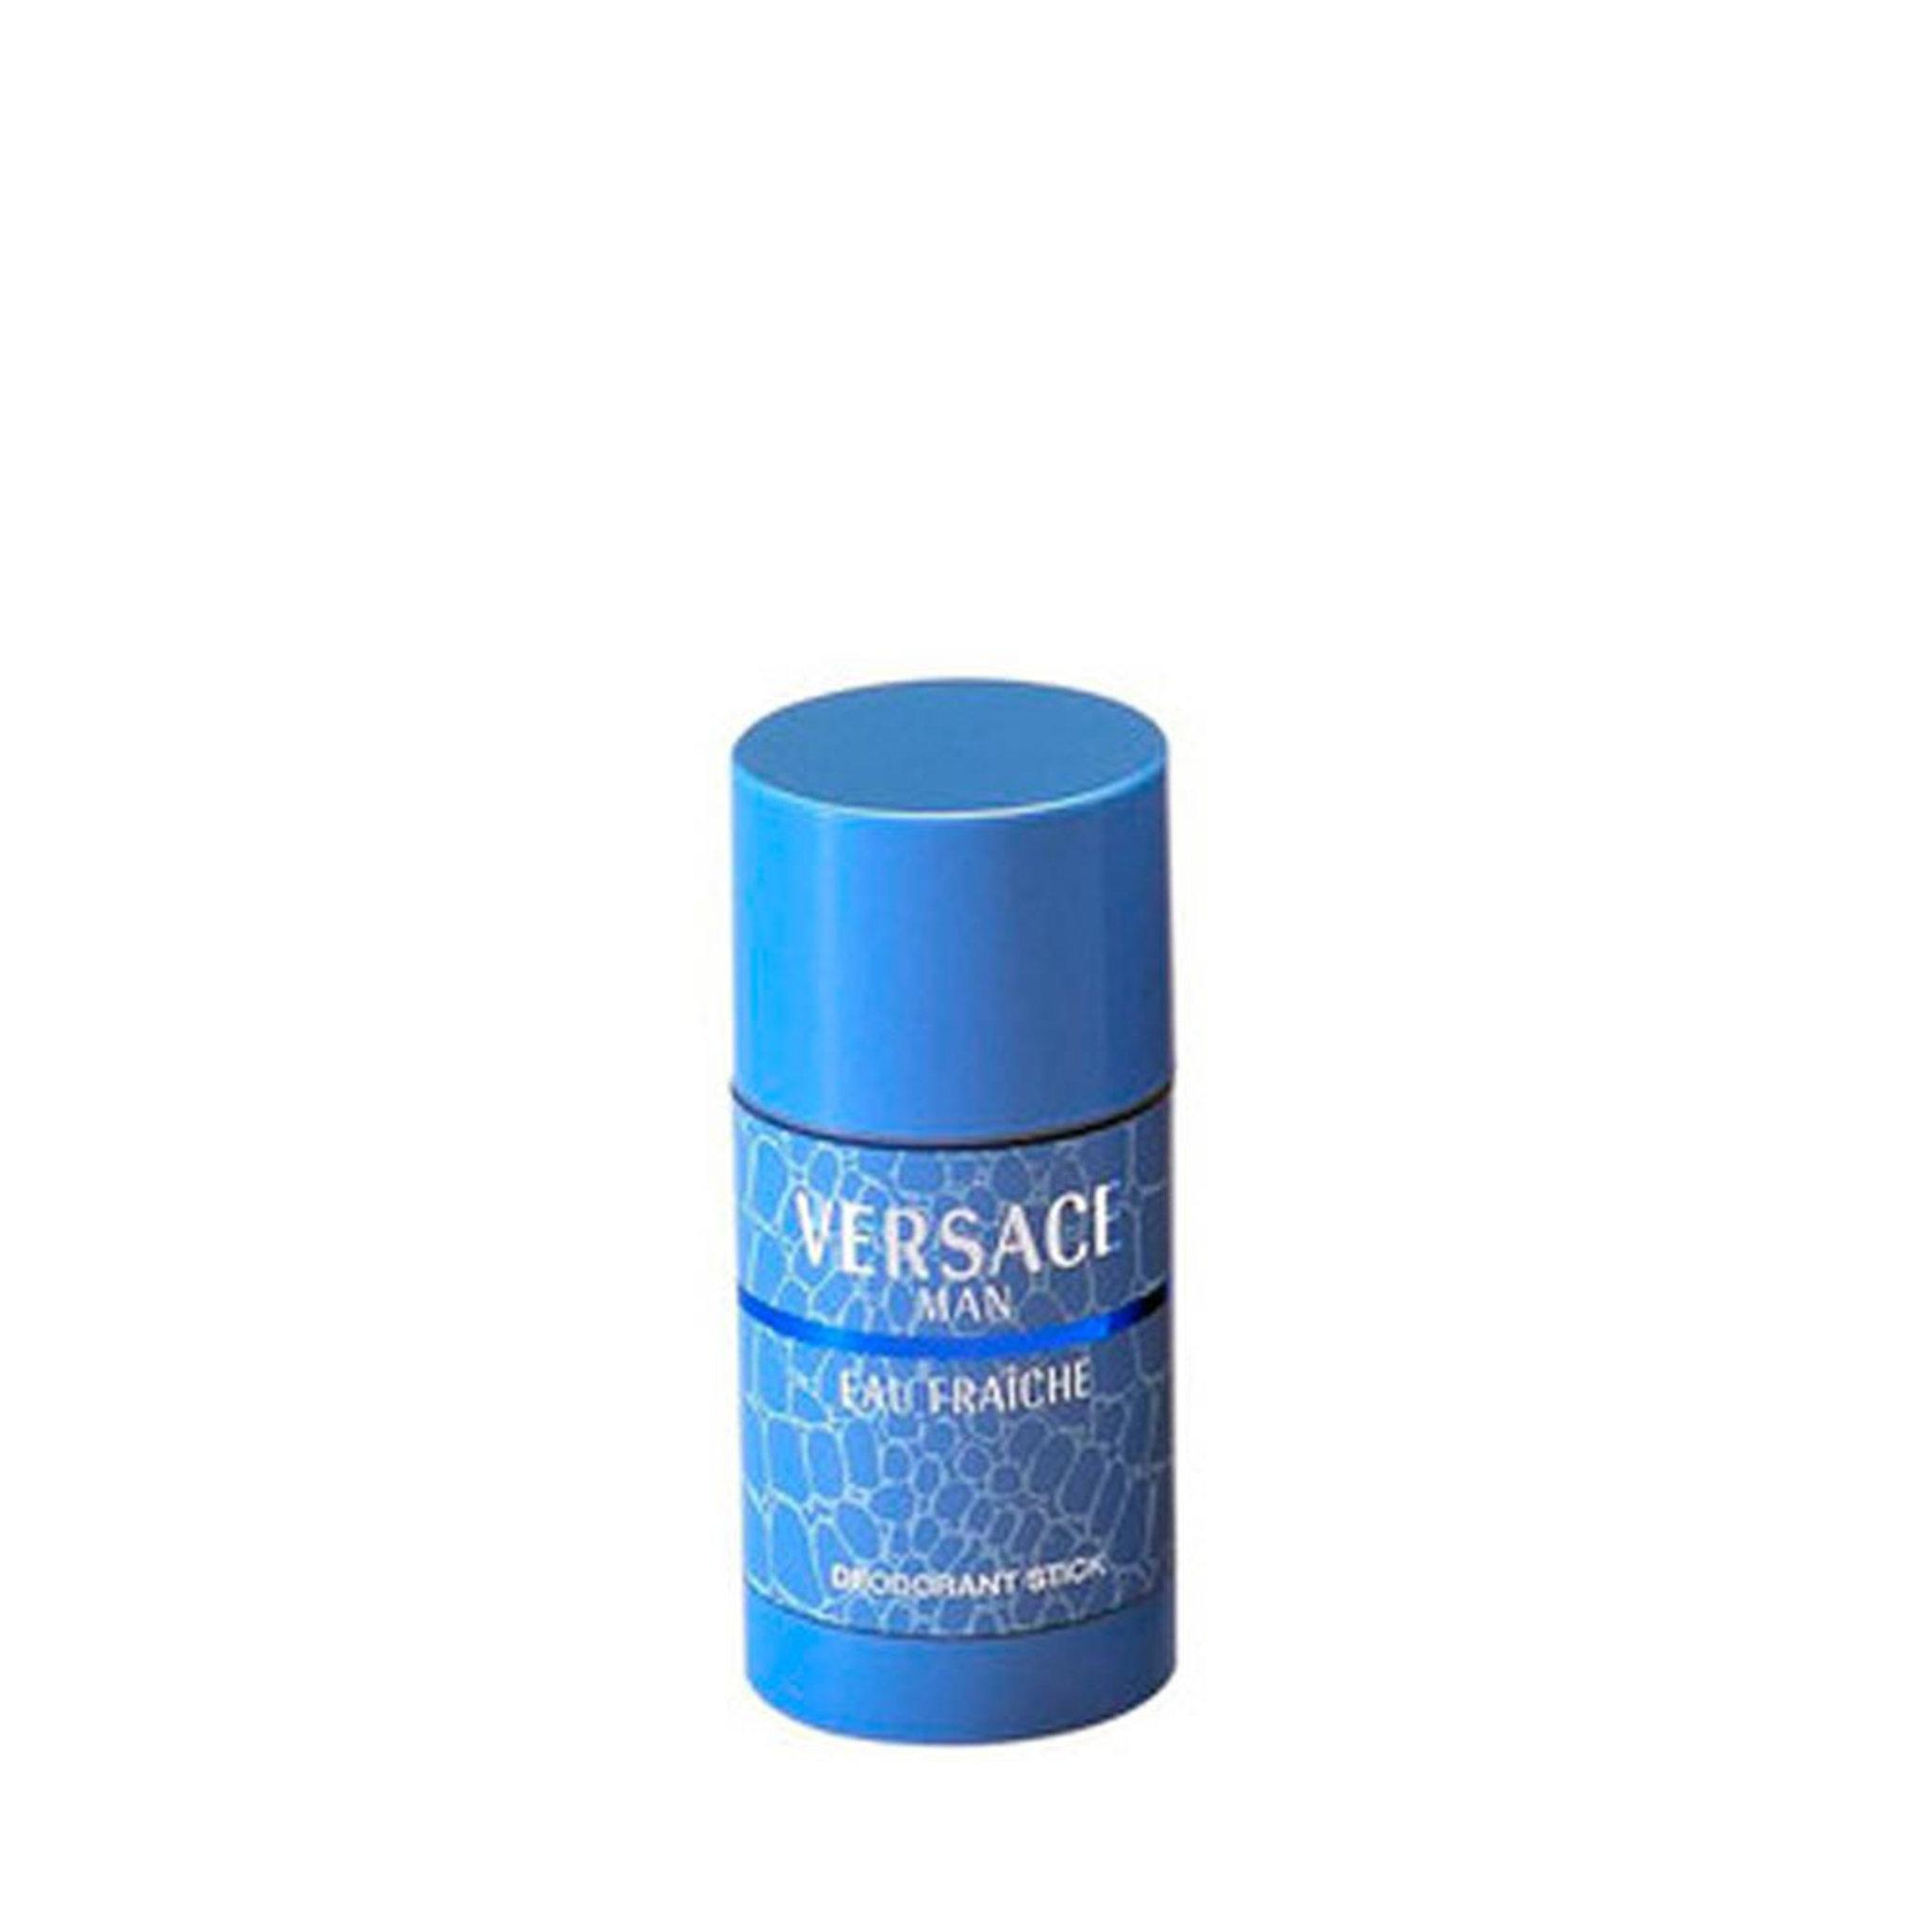 Eau Fraiche Deodorant Stick, 75 ml, 75 ML